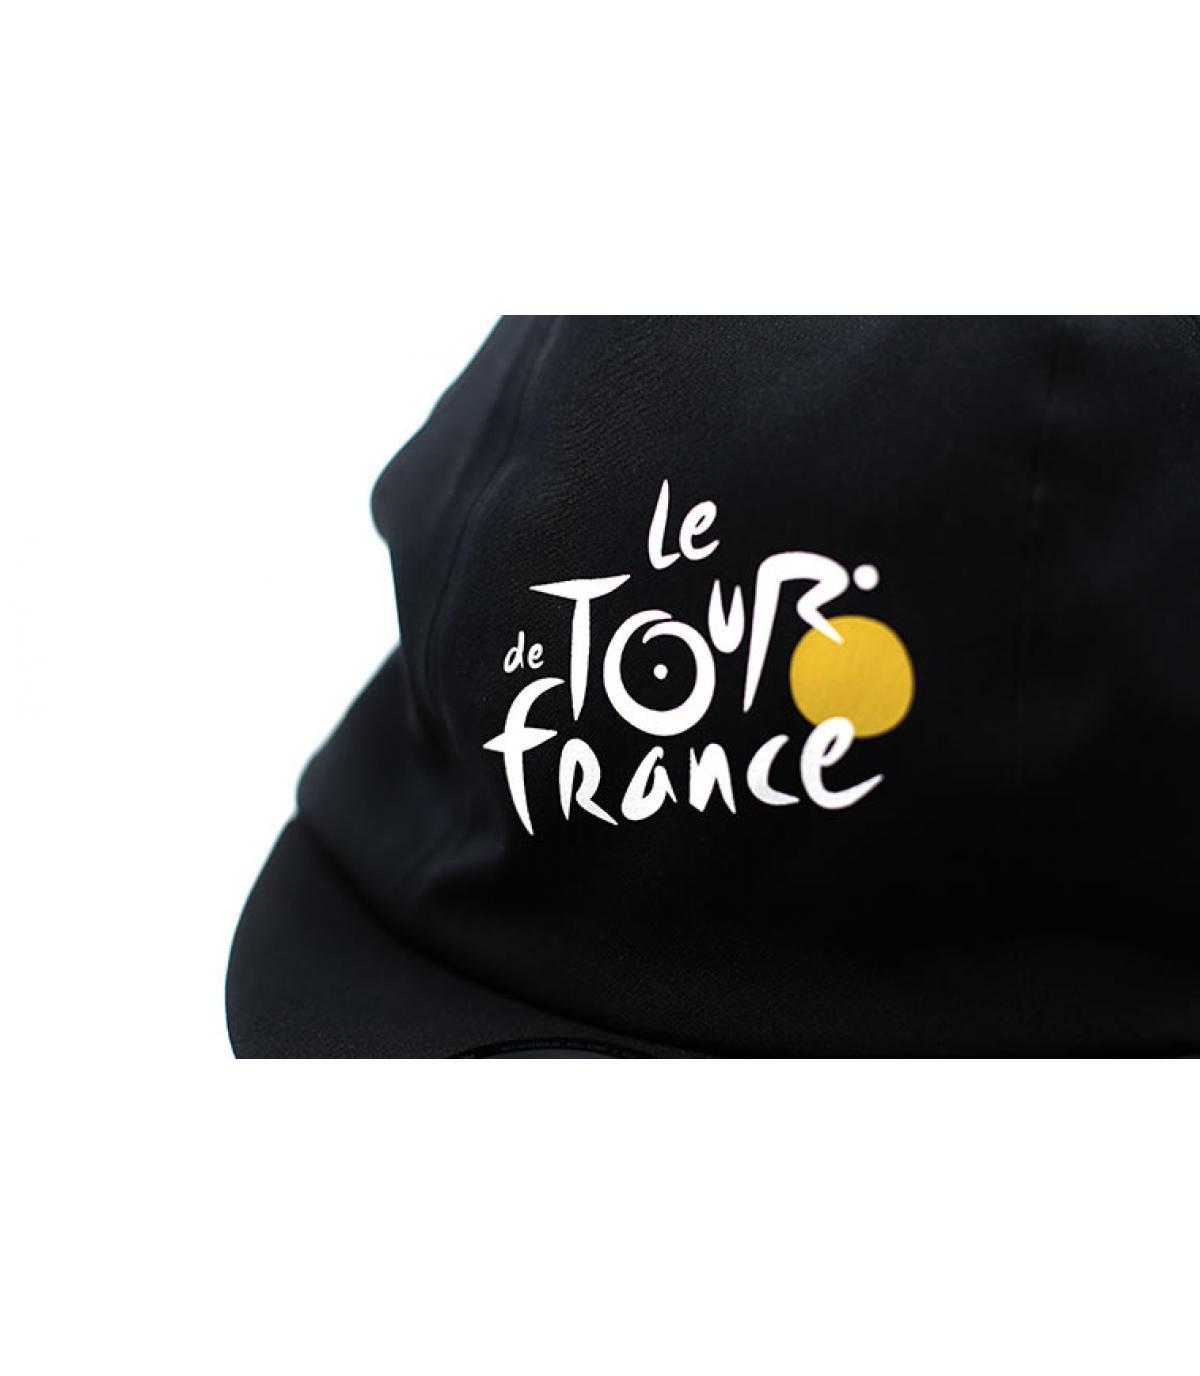 Détails Casquette Tour de France Cycling black - image 3